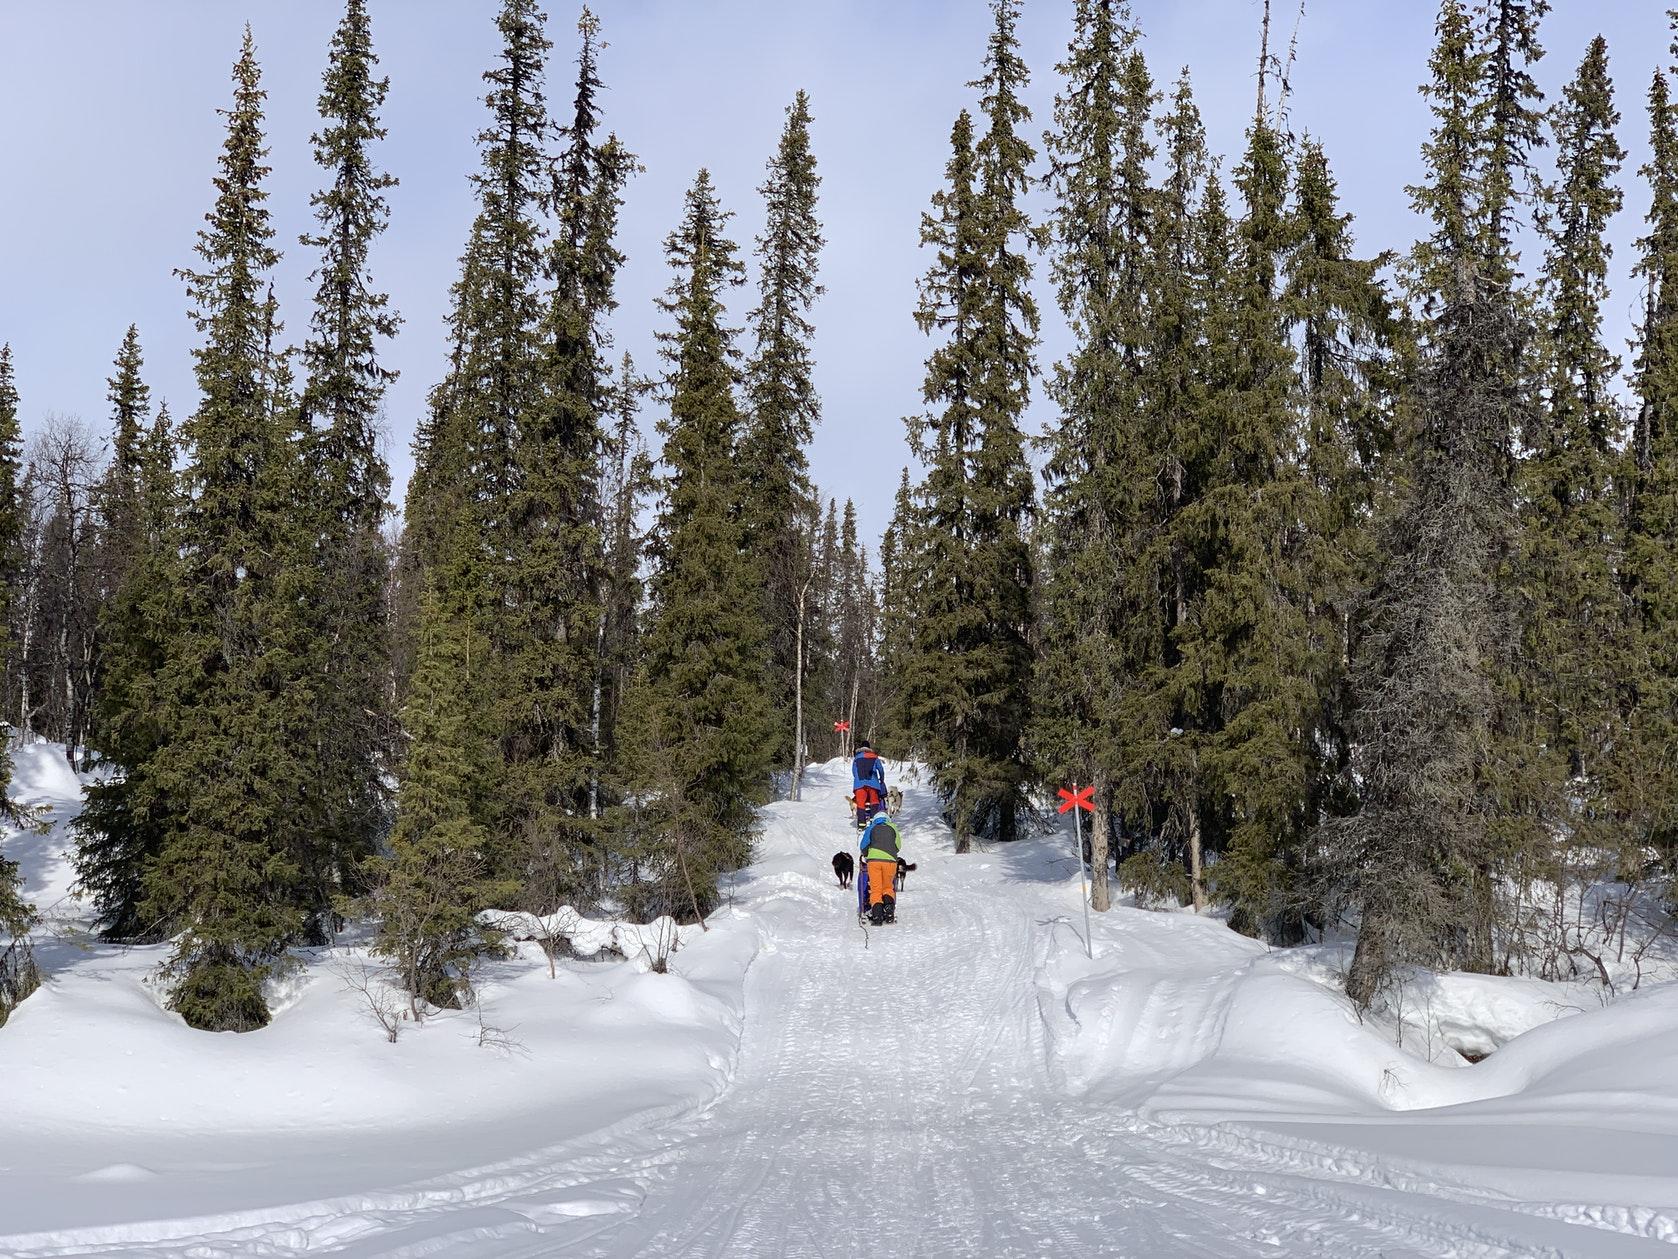 wintertour_mountaintour_laponia_10